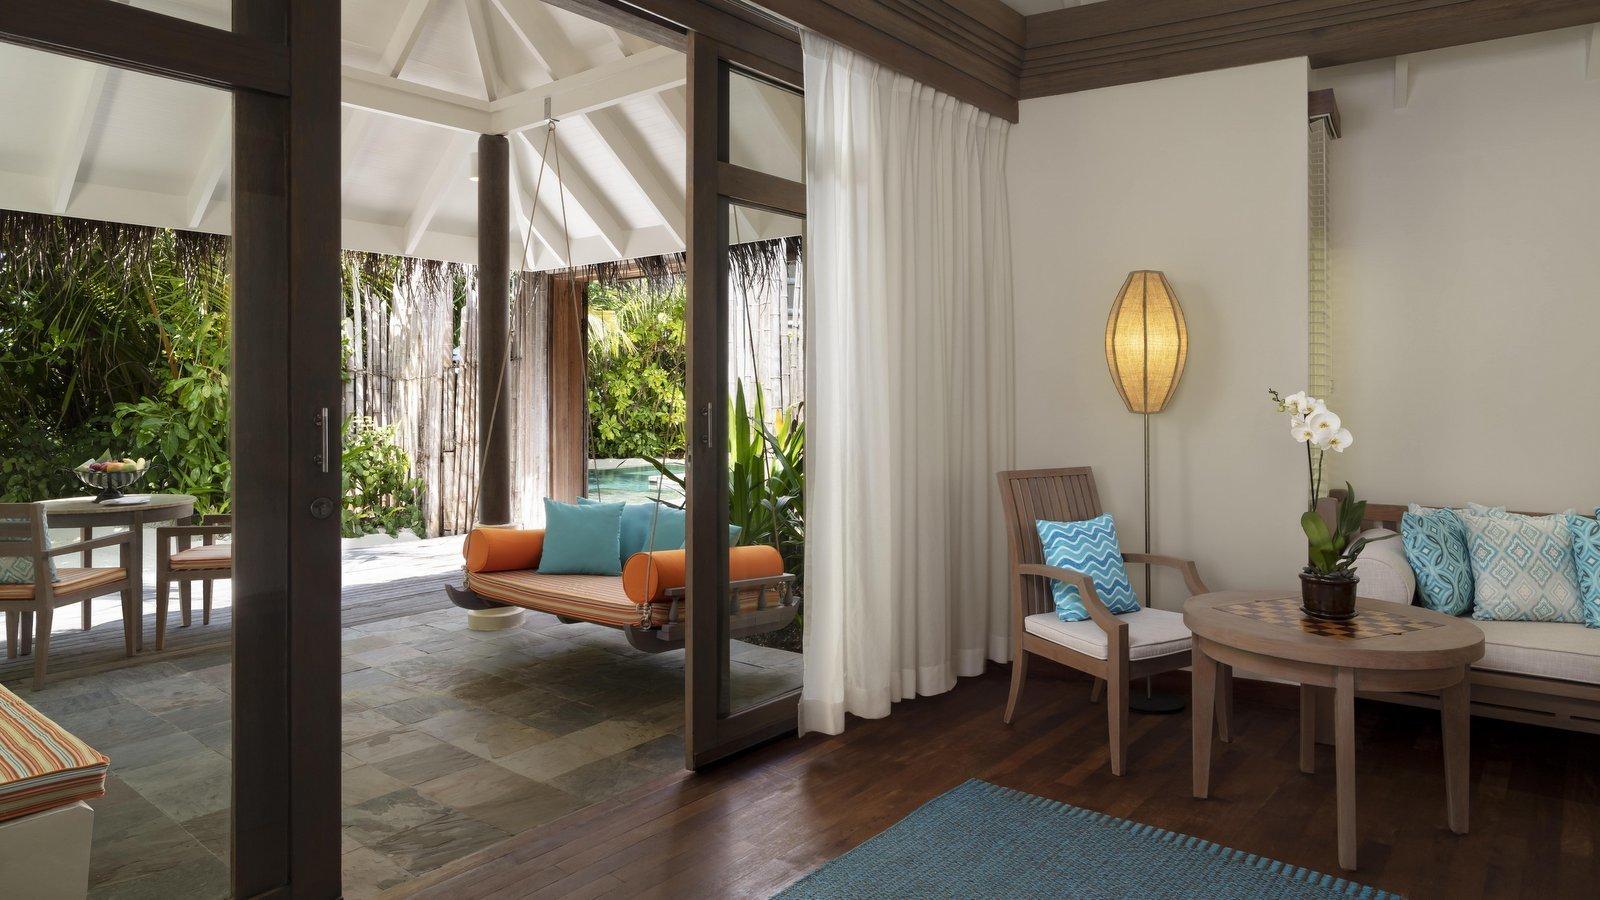 Мальдивы, отель Anantara Dhigu Maldives Resort, номер Two Bedroom Anantara Pool Villa